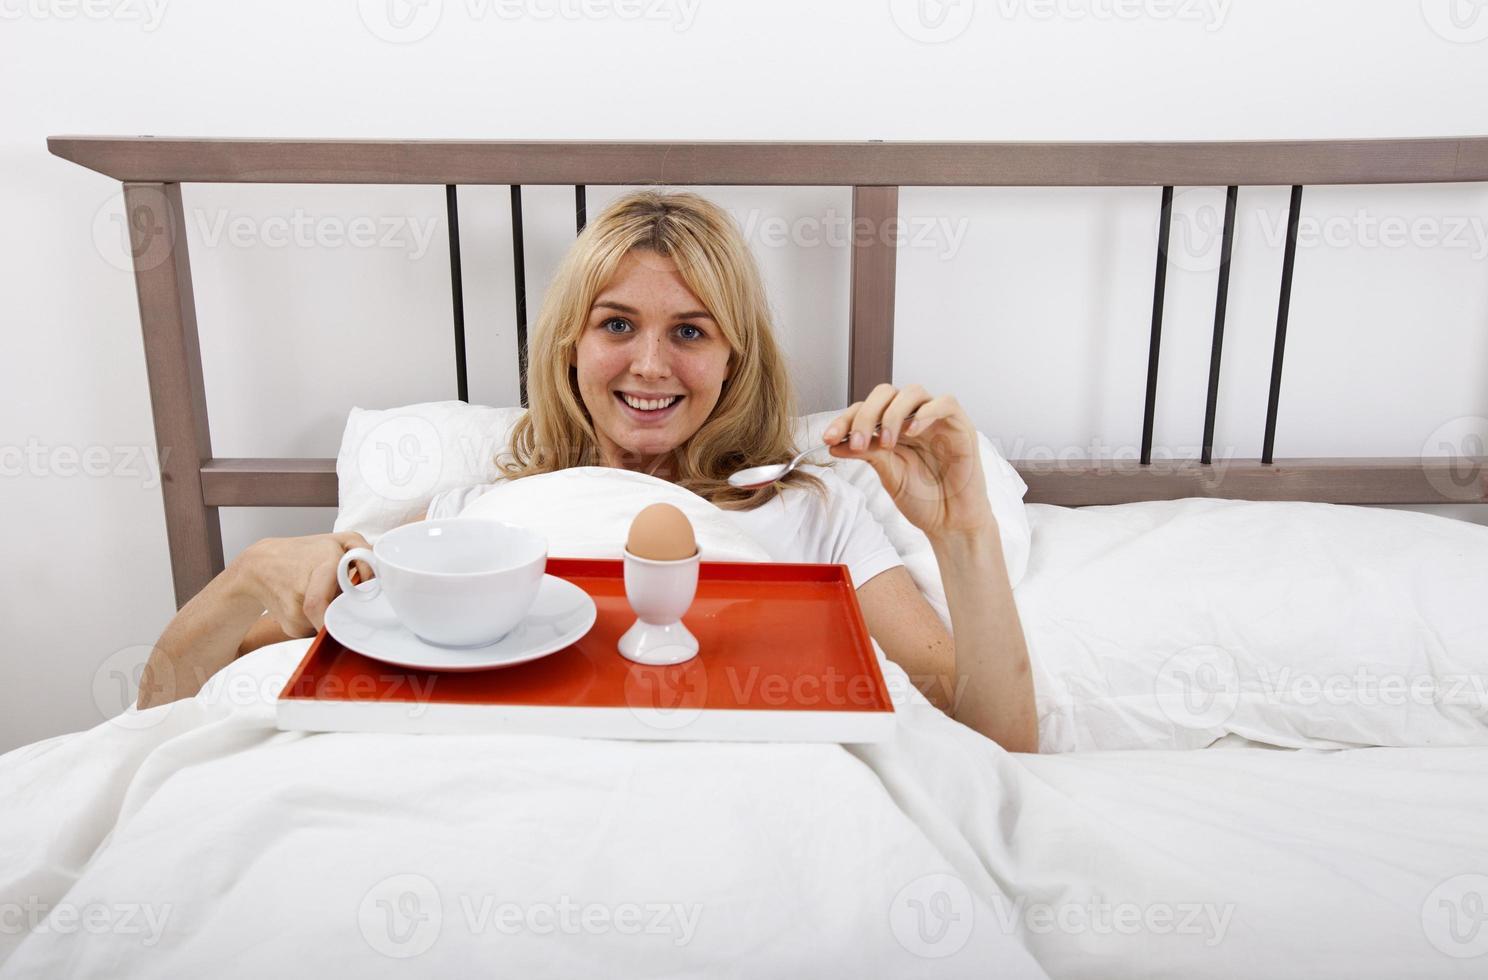 Porträt der jungen Frau mit Frühstückstablett im Bett foto